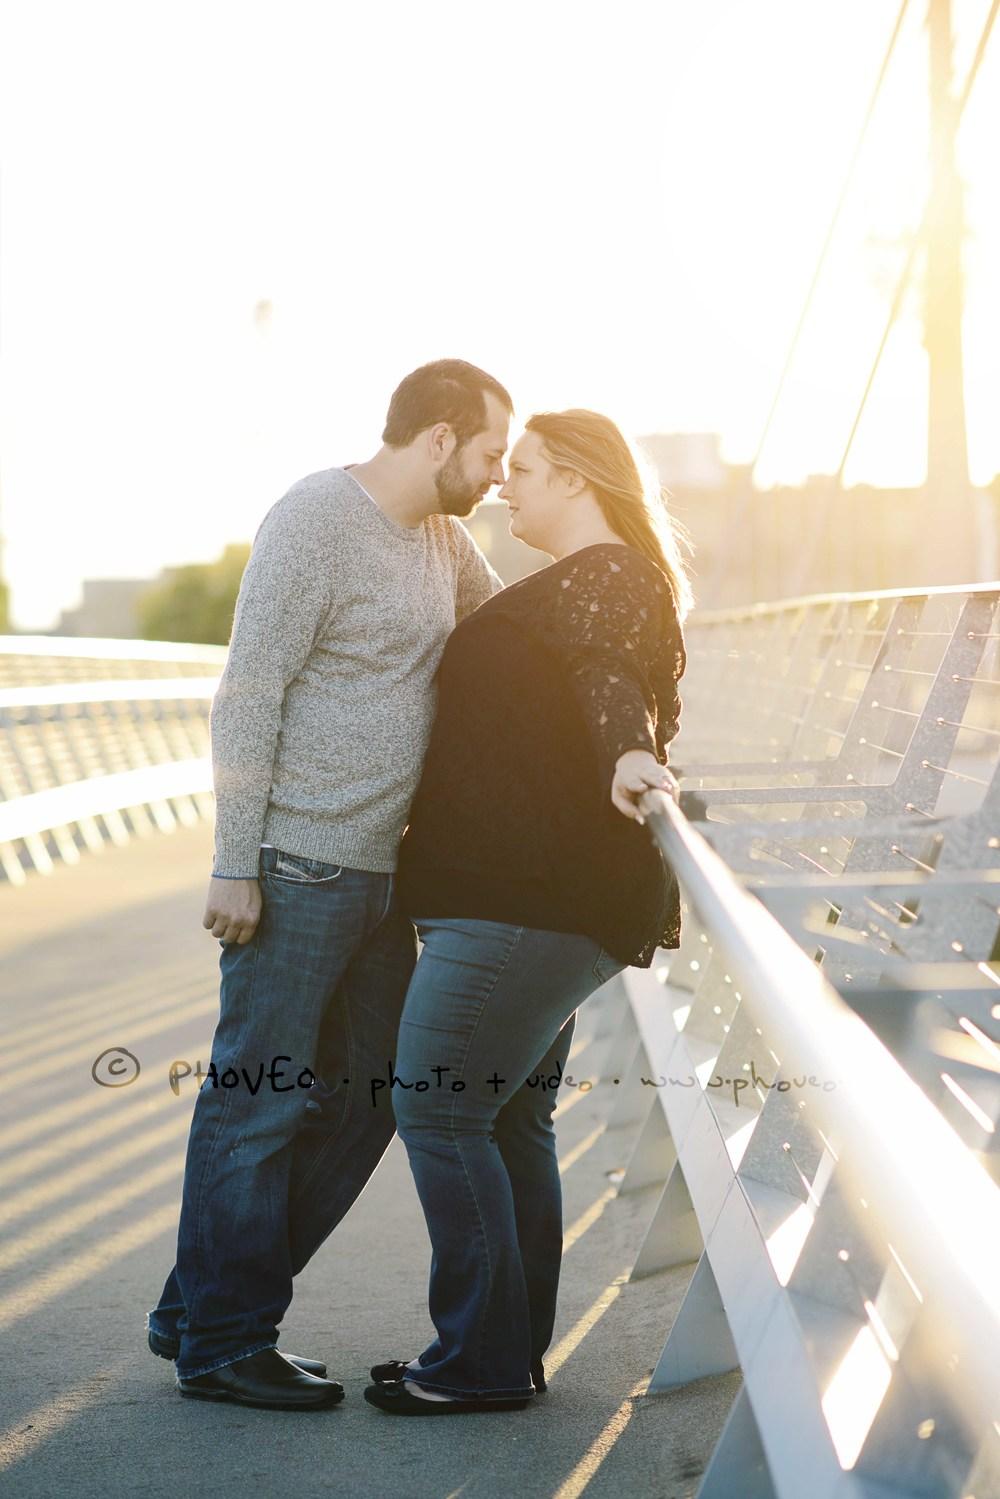 WM_20151002_Kelsey+TJ_4.jpg